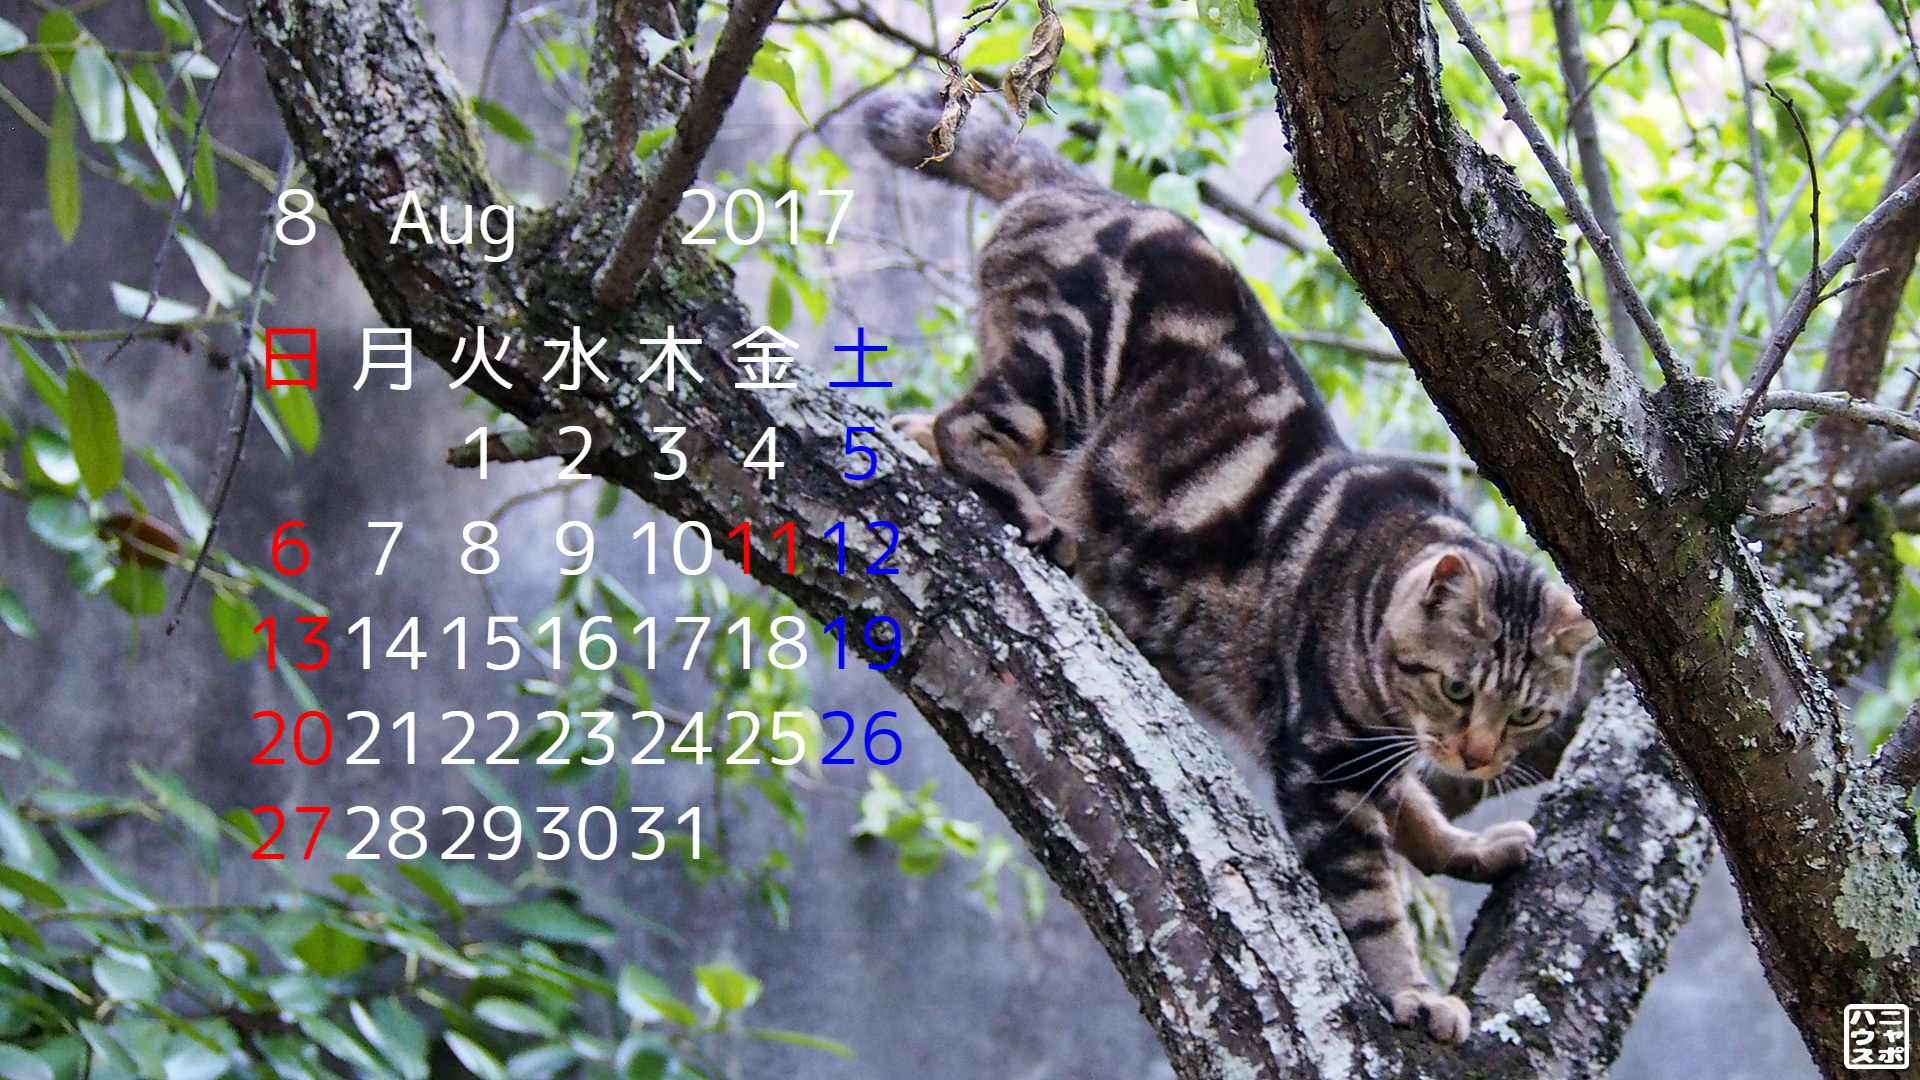 2017年8月 猫デスクトップカレンダー